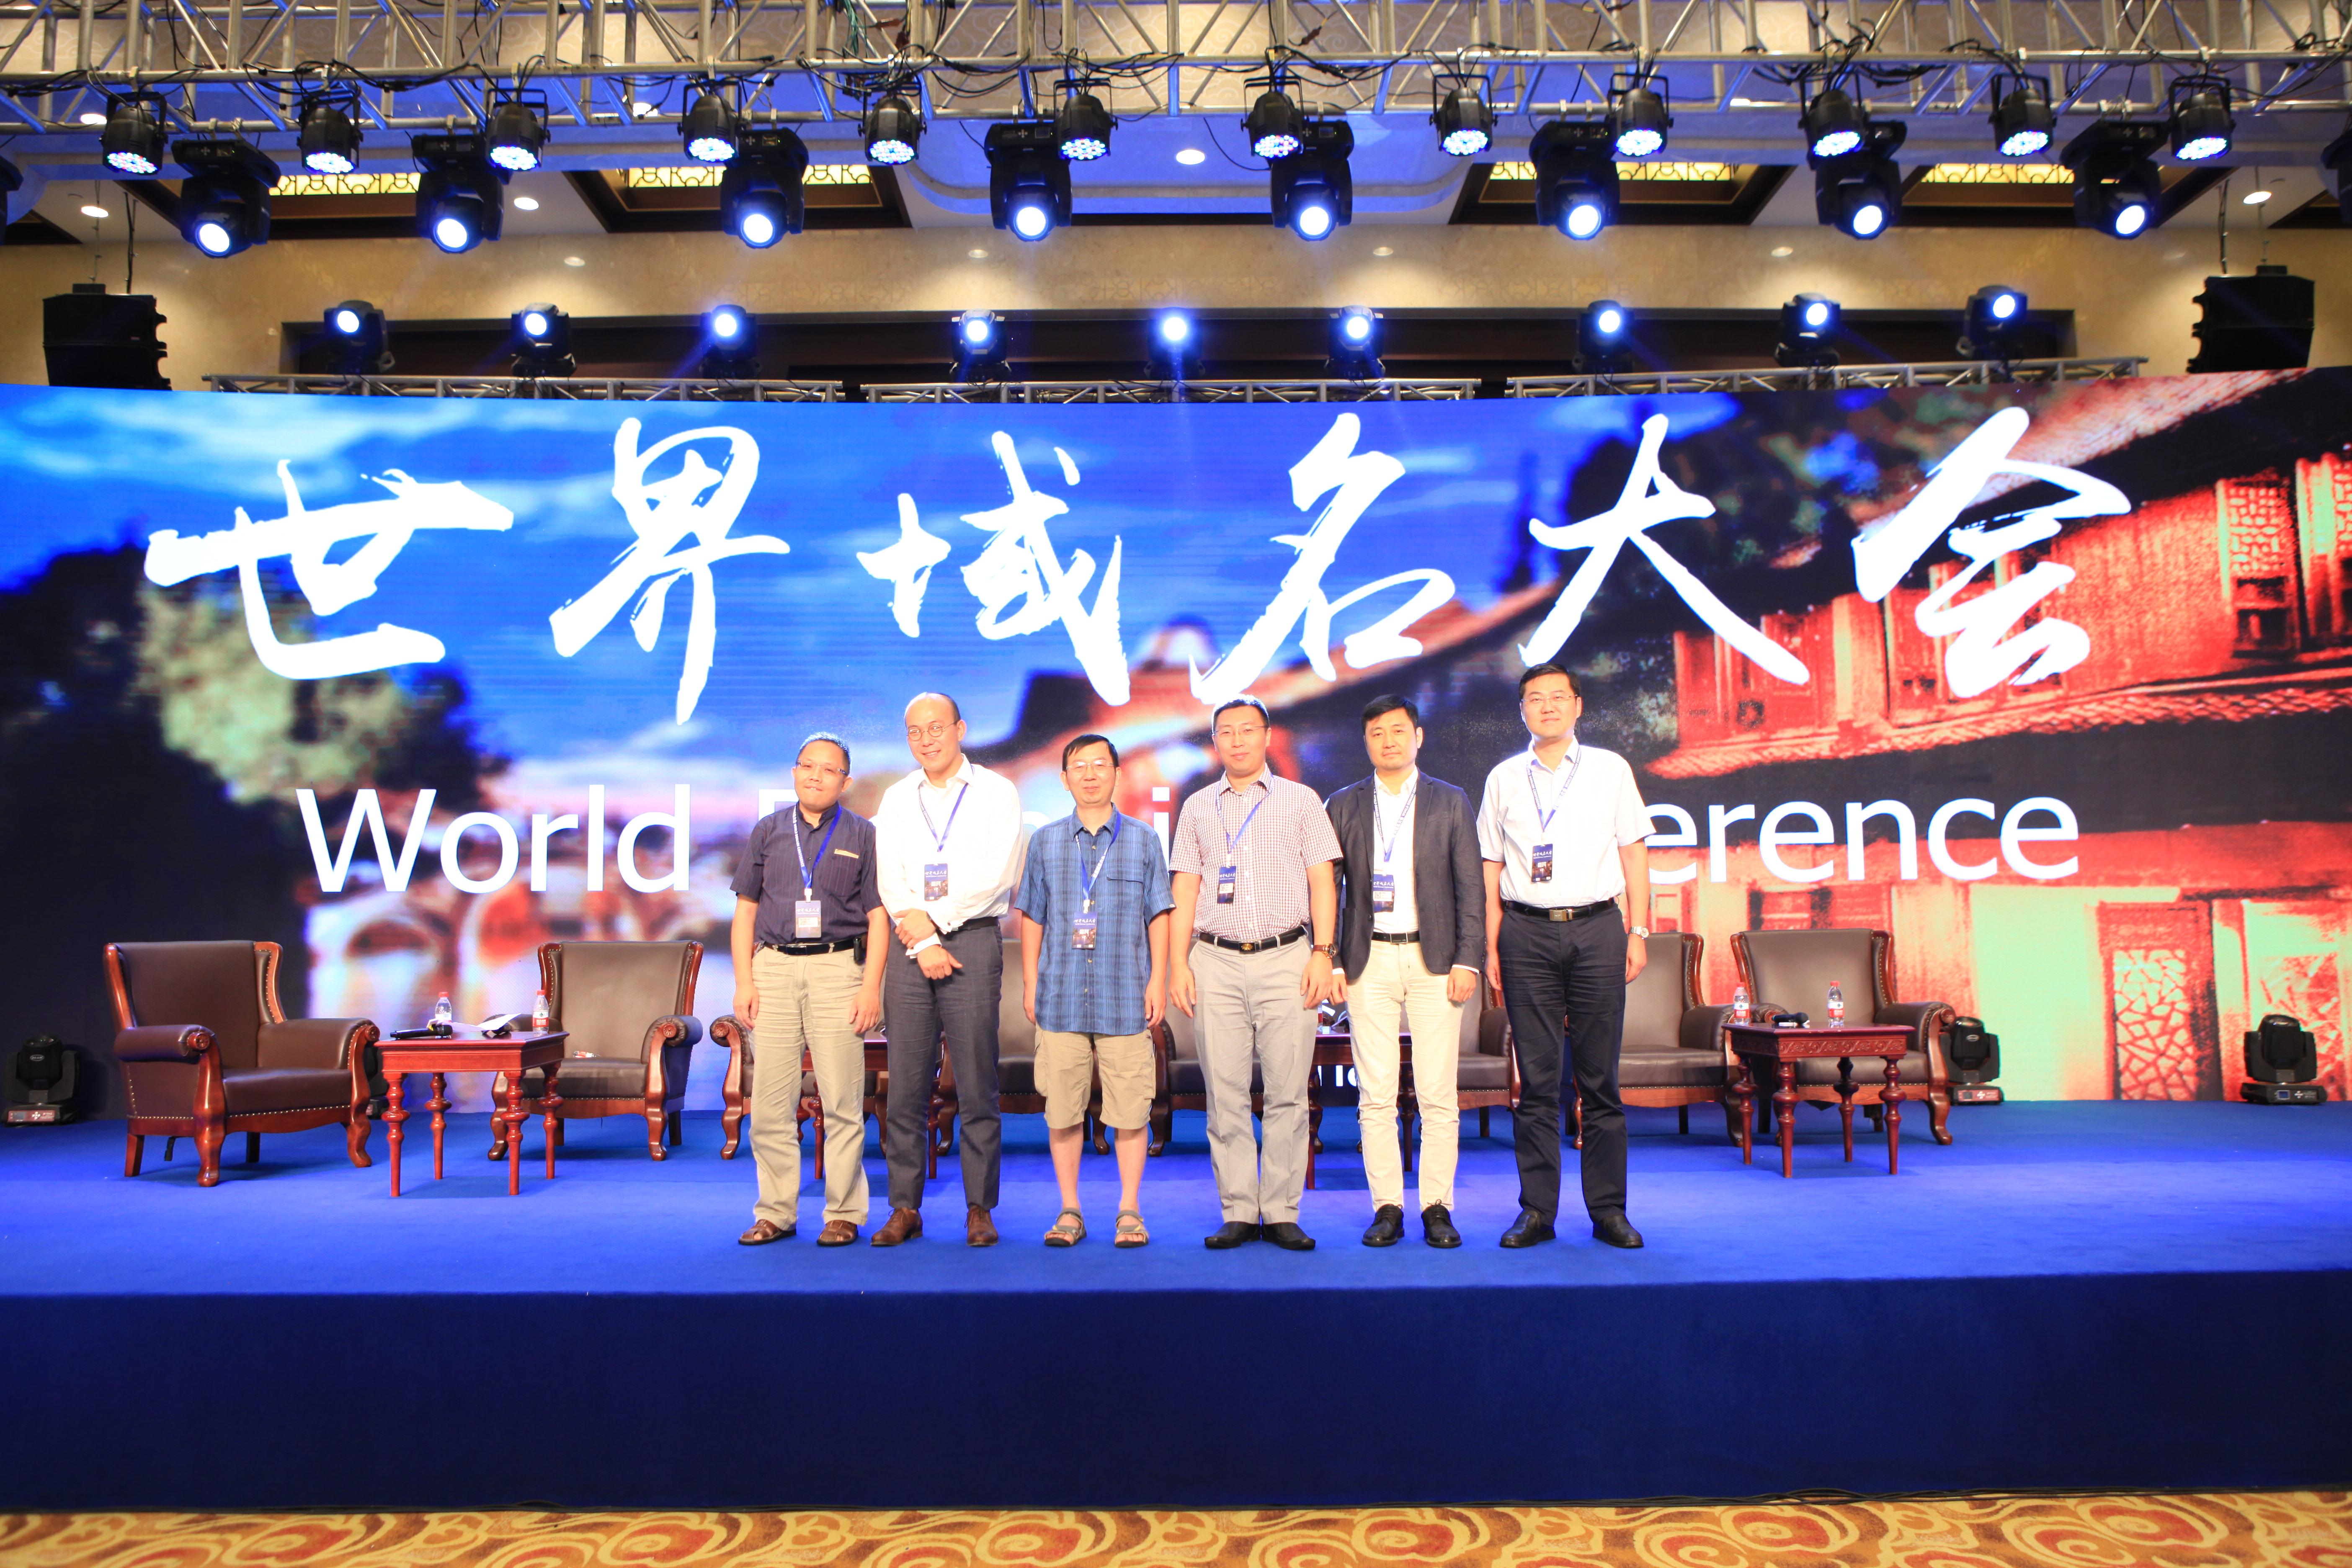 北京协会会议服务公司,协会会议